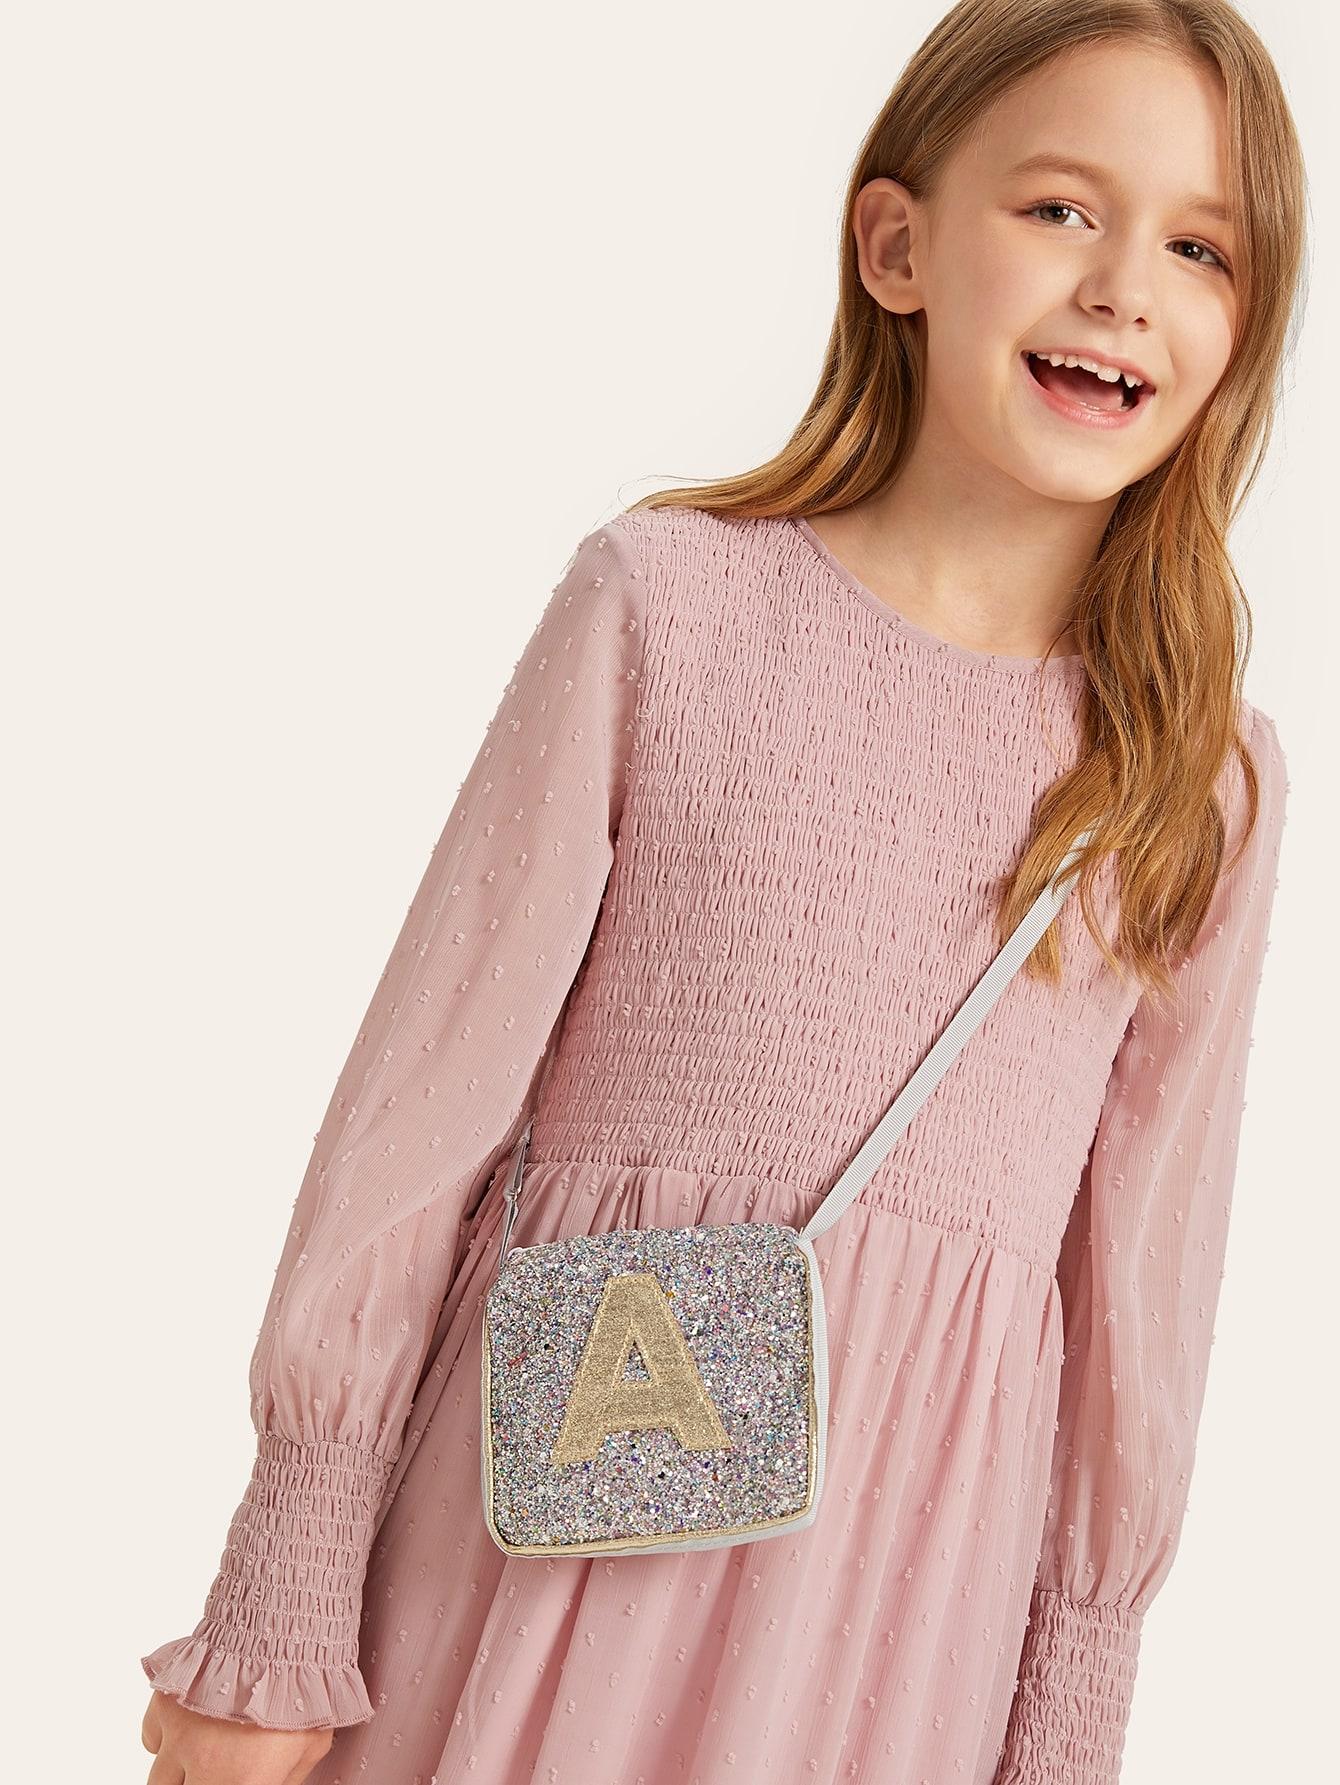 Купить Девочки случайные буквы блестящая сумка через плечо, null, SheIn